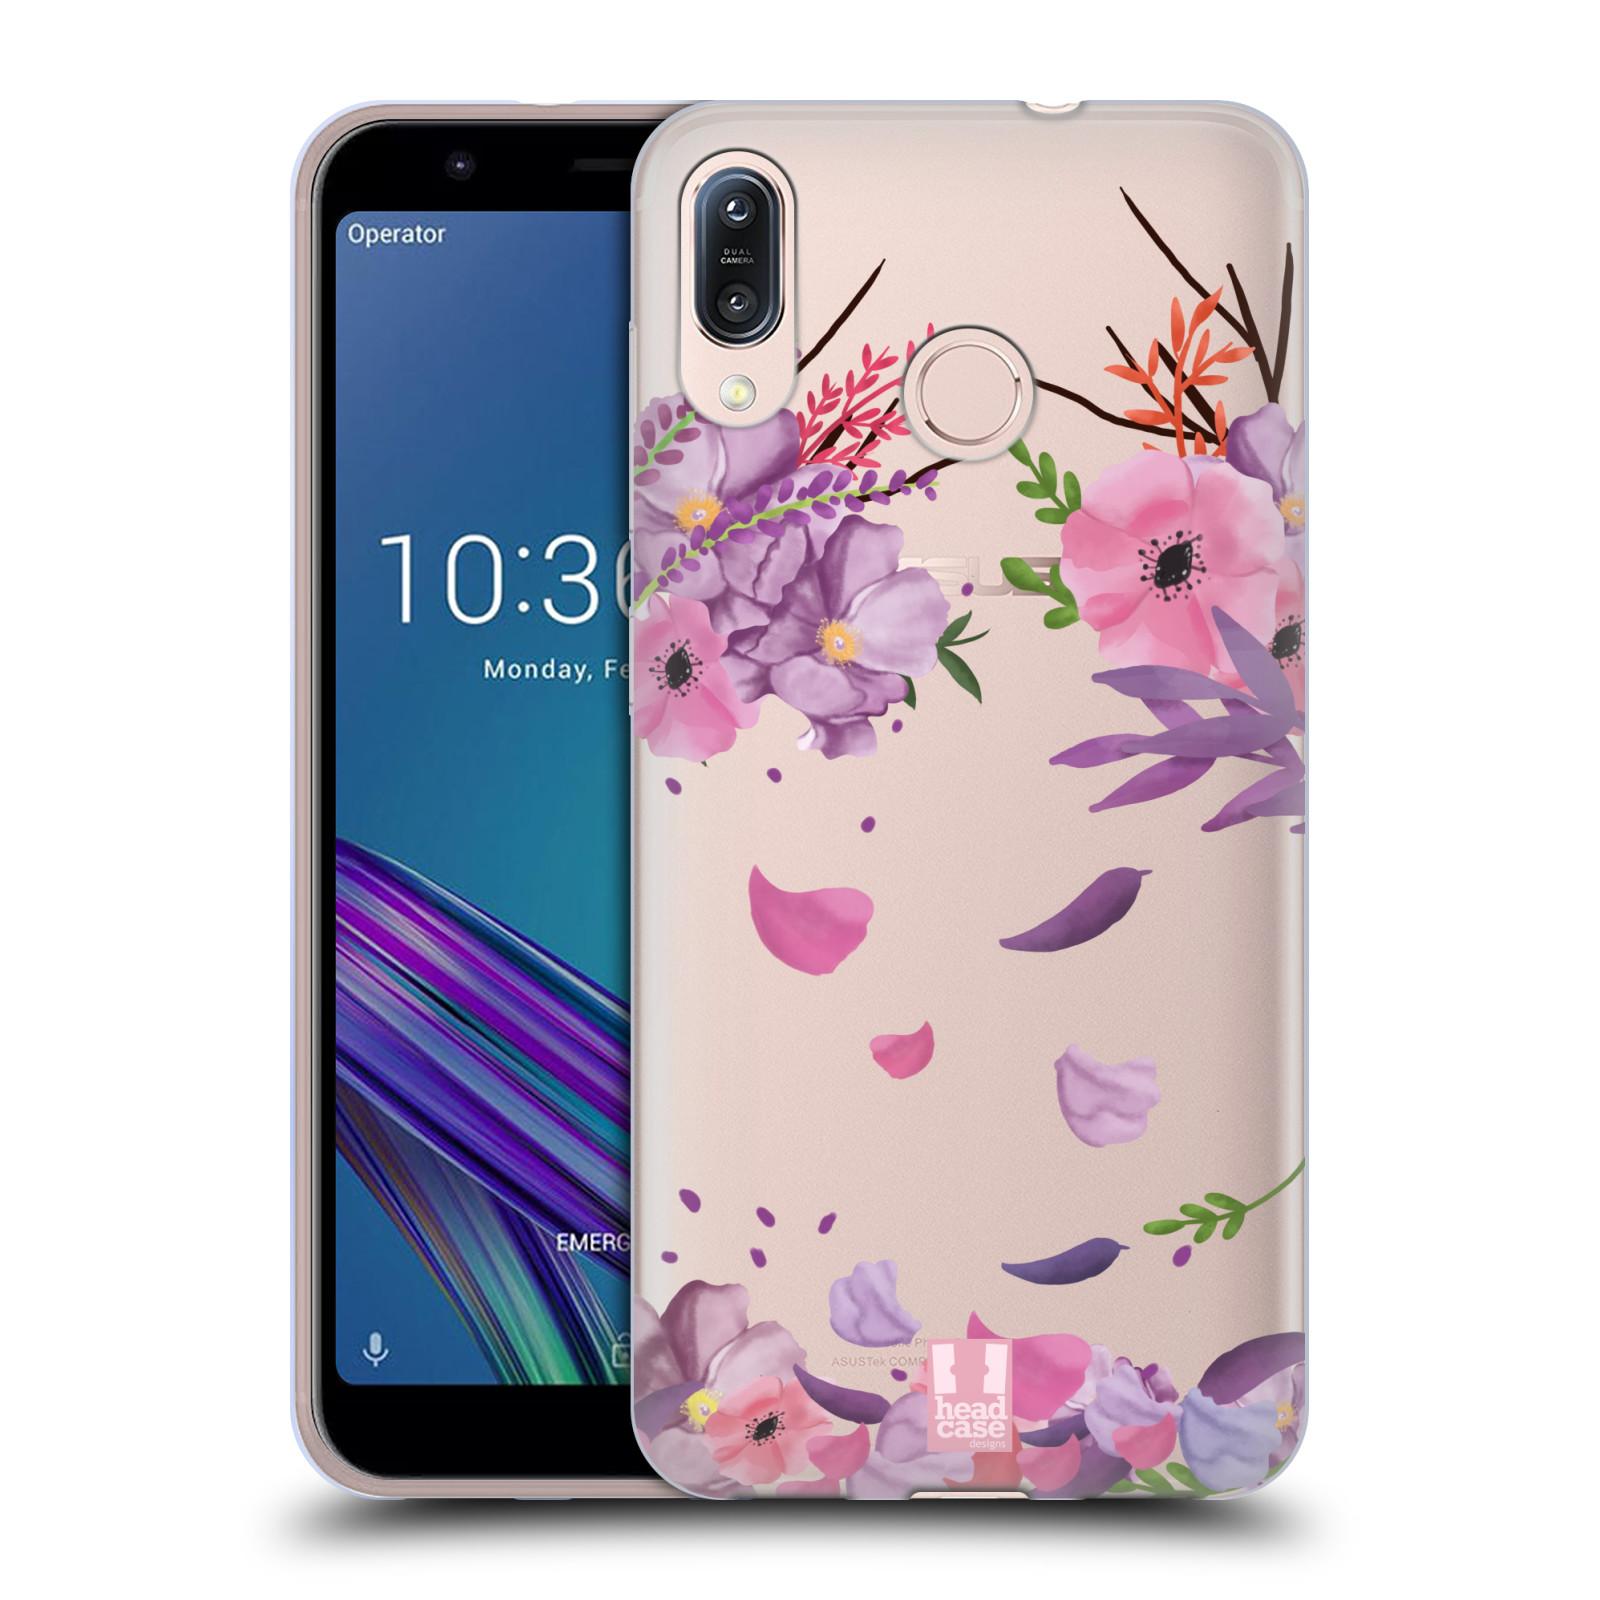 Silikonové pouzdro na mobil Asus Zenfone Max M1 ZB555KL - Head Case - Okvětní lístky